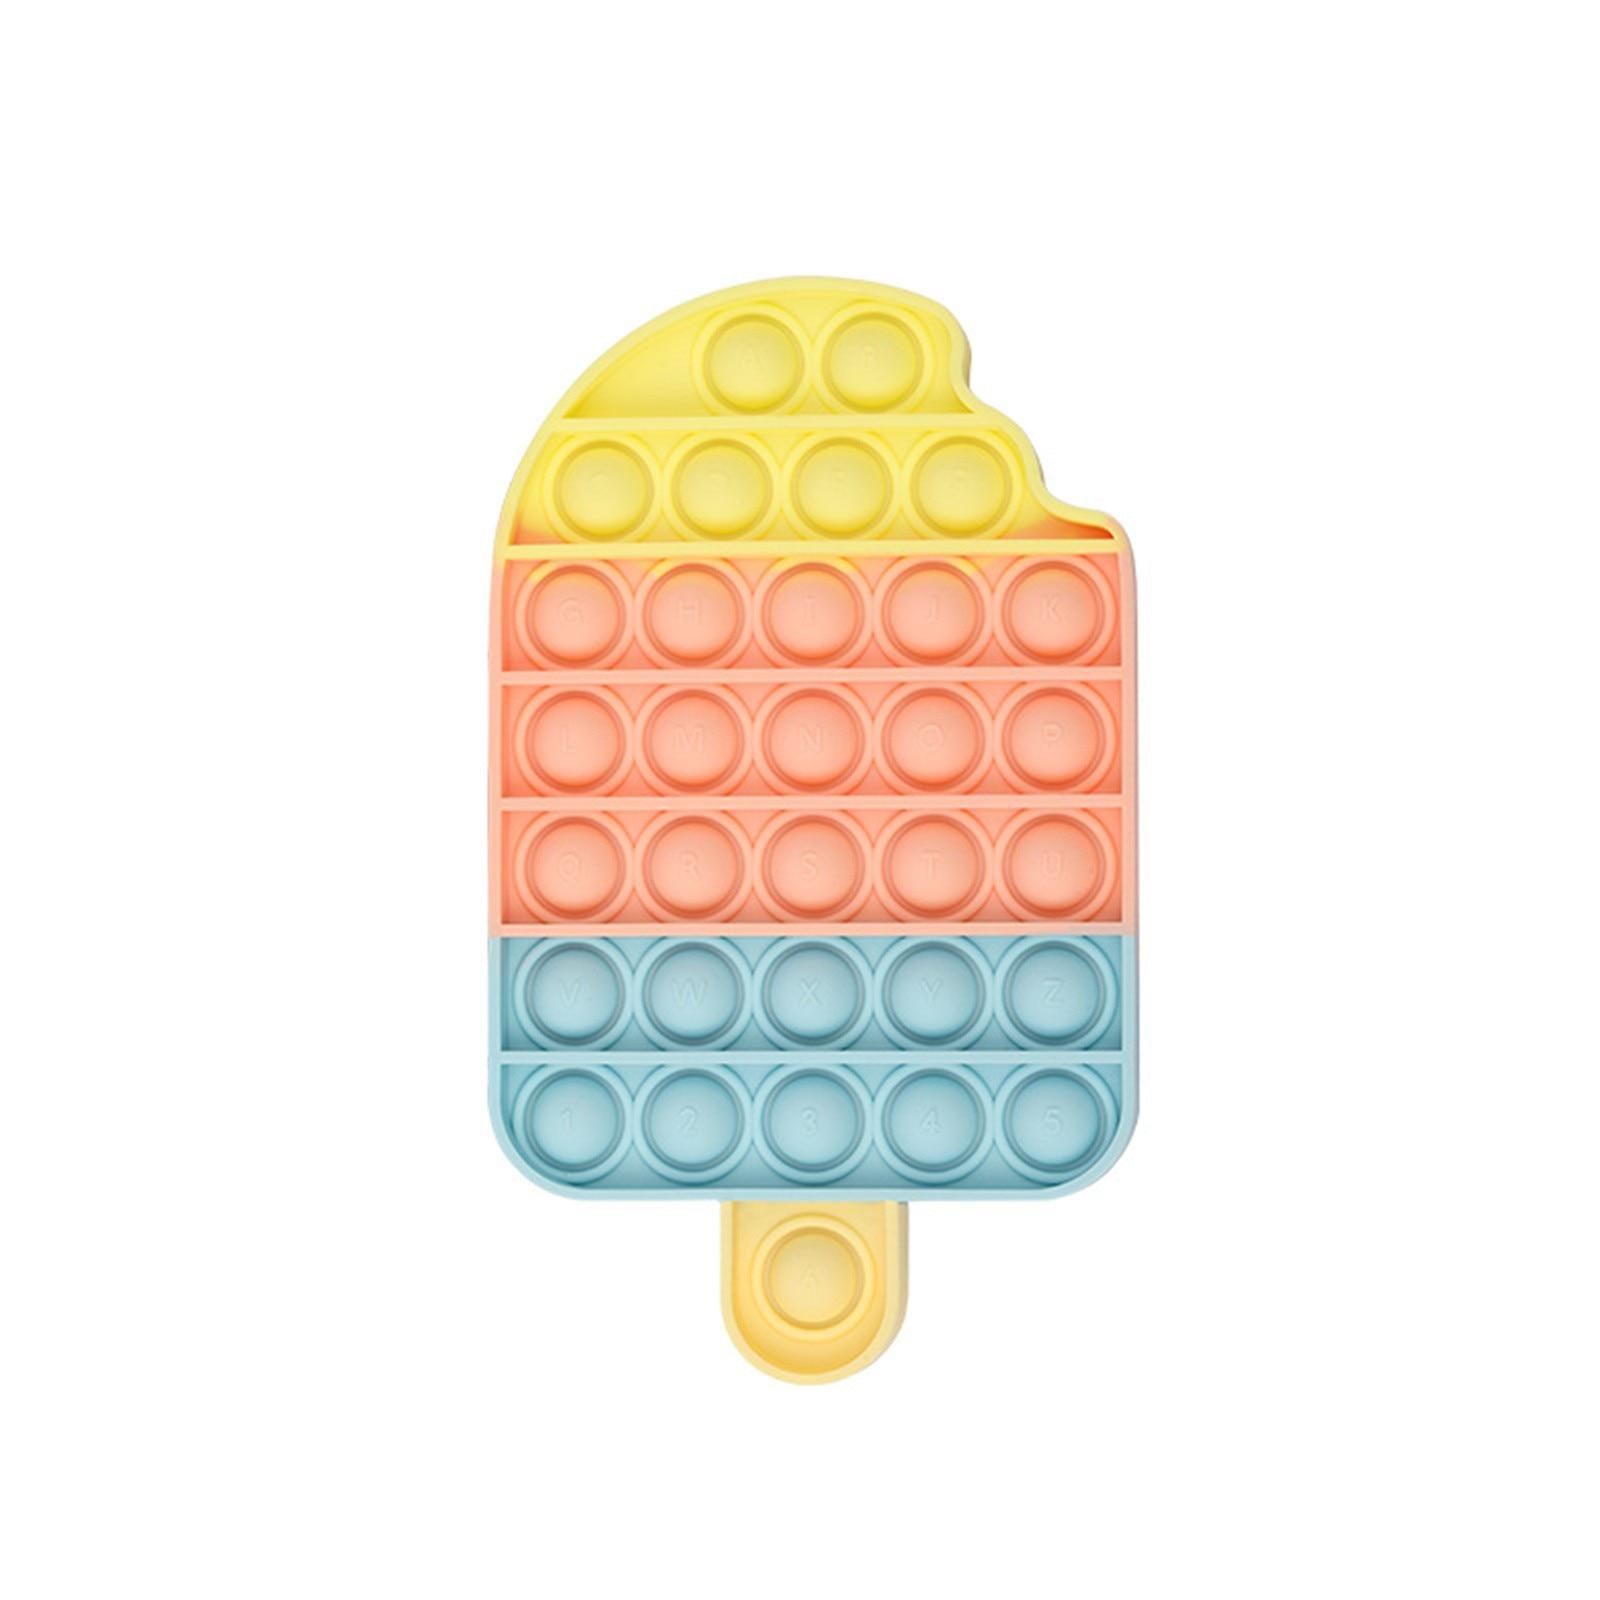 Дешевые сенсорная Непоседа упаковка игрушек выталкивает его для пускания мыльных пузырей сенсорная Непоседа игрушки Антистресс платье дл...